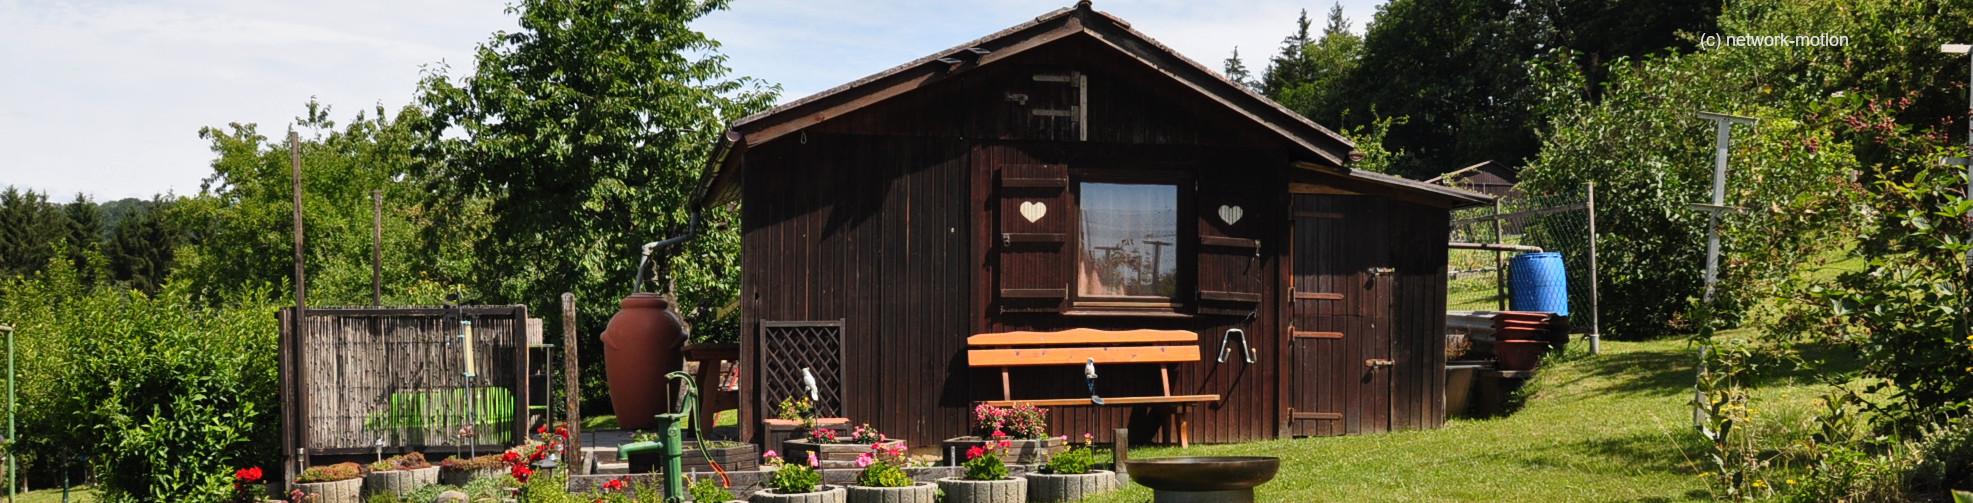 Kontakt zum Bezirksverband der Gartenfreunde Oberschwaben e.V.